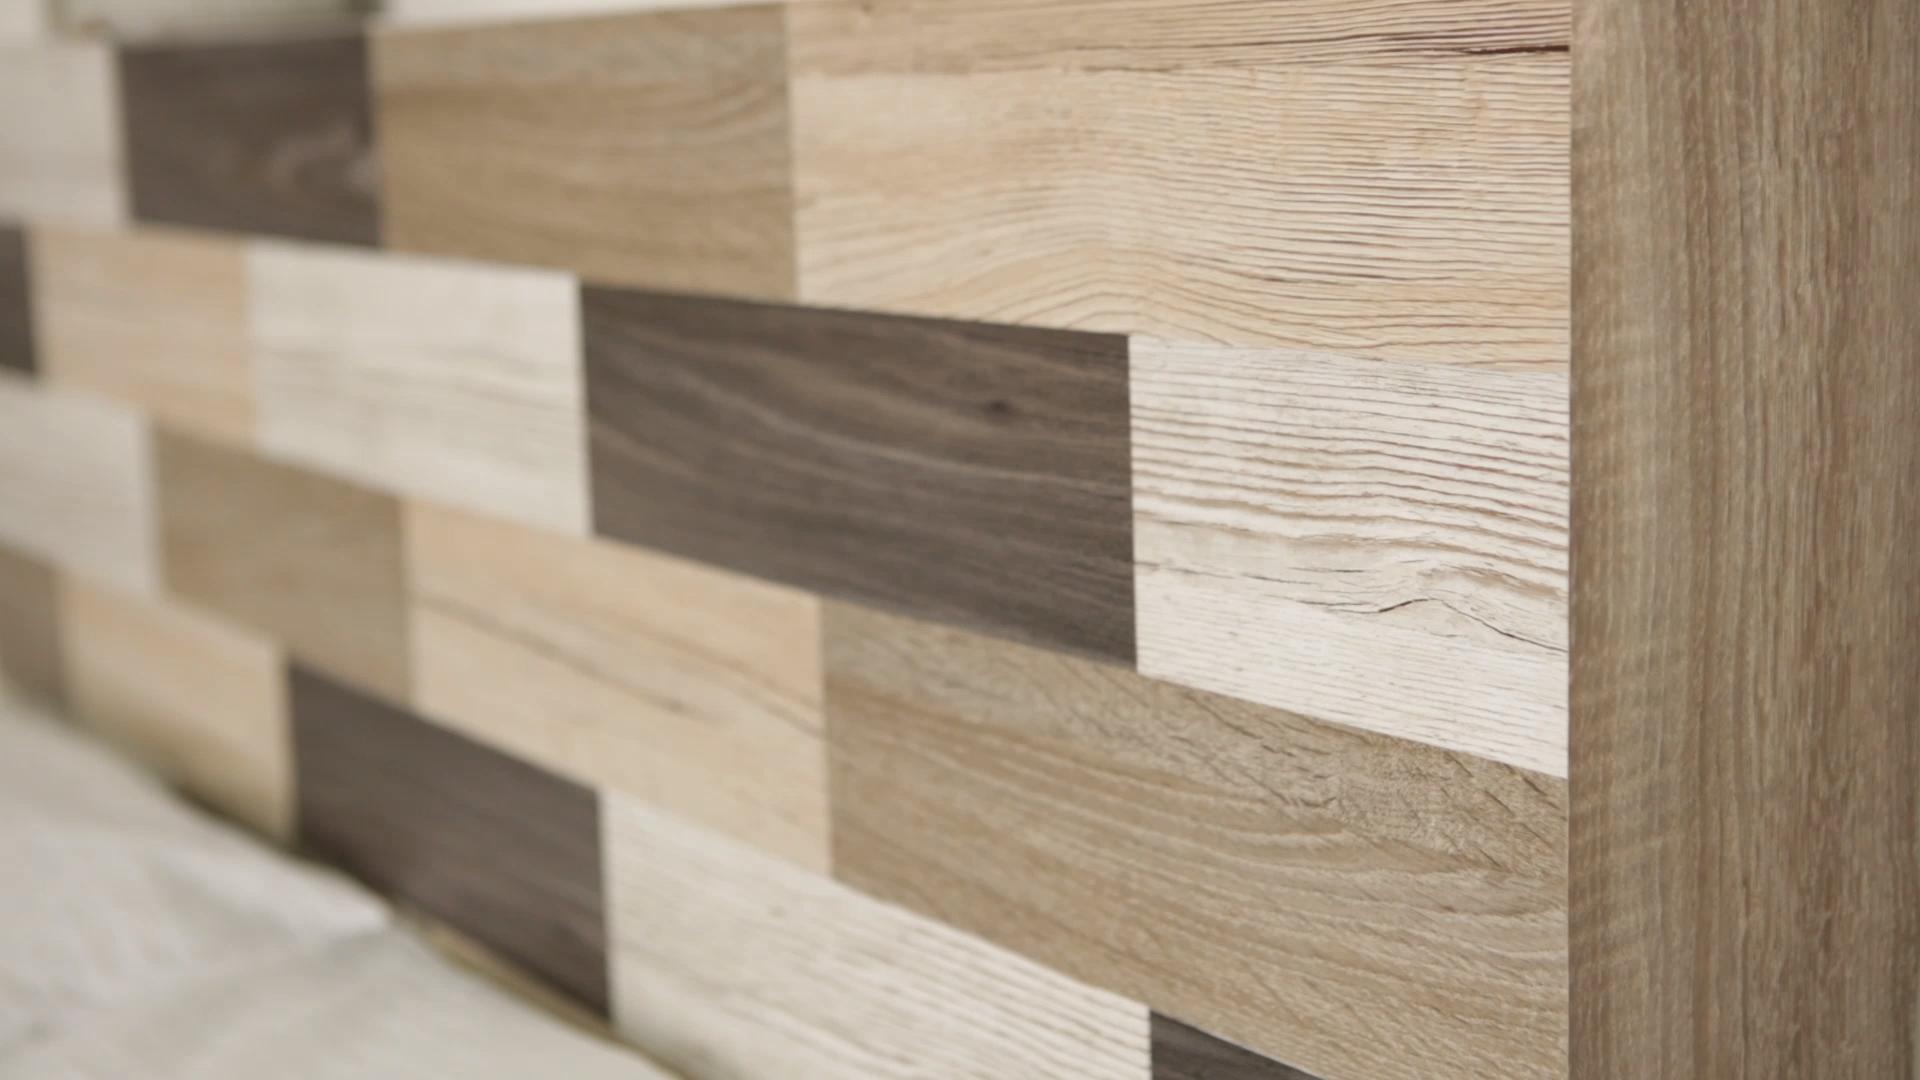 Wood Vinyl By Jose Claudio On Pisoeu Video In 2020 Wood Wood Planks